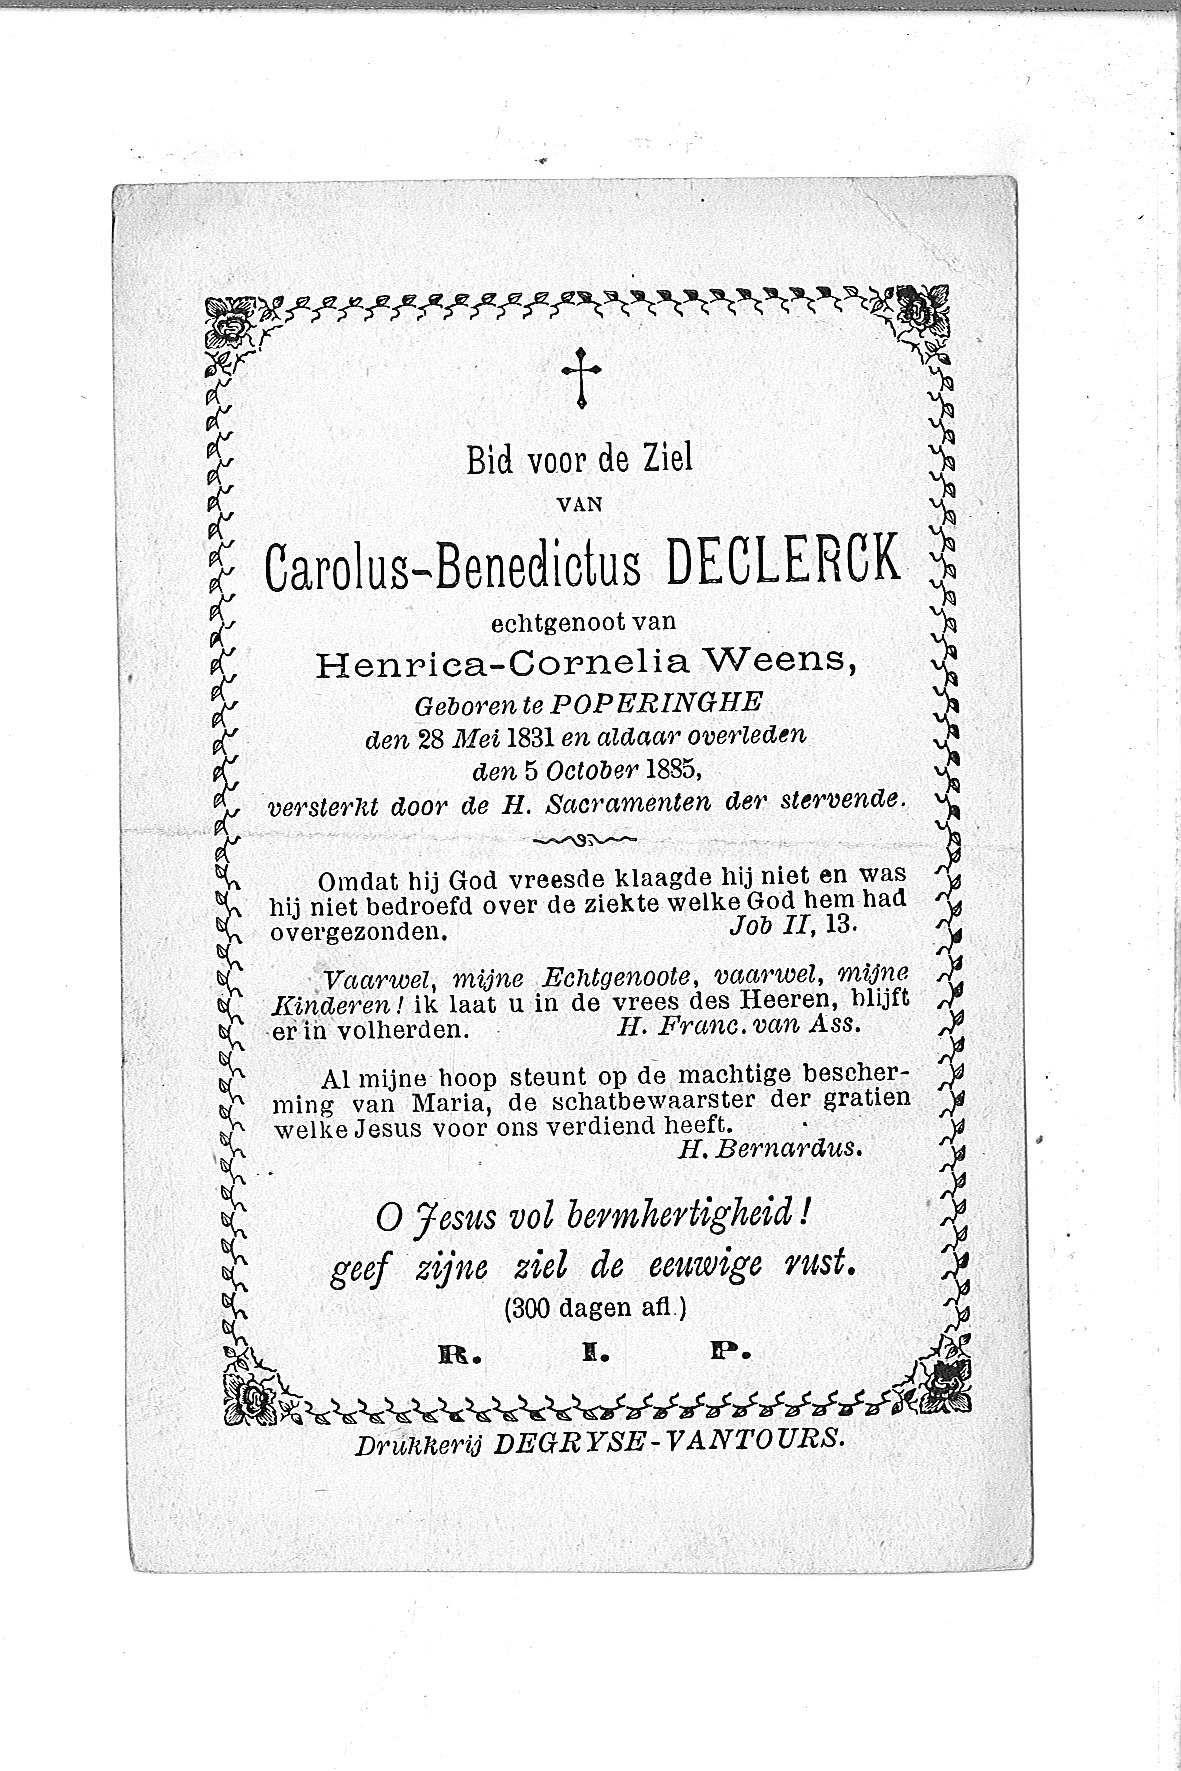 carolus-benedictus(1885)20120830084338_00058.jpg